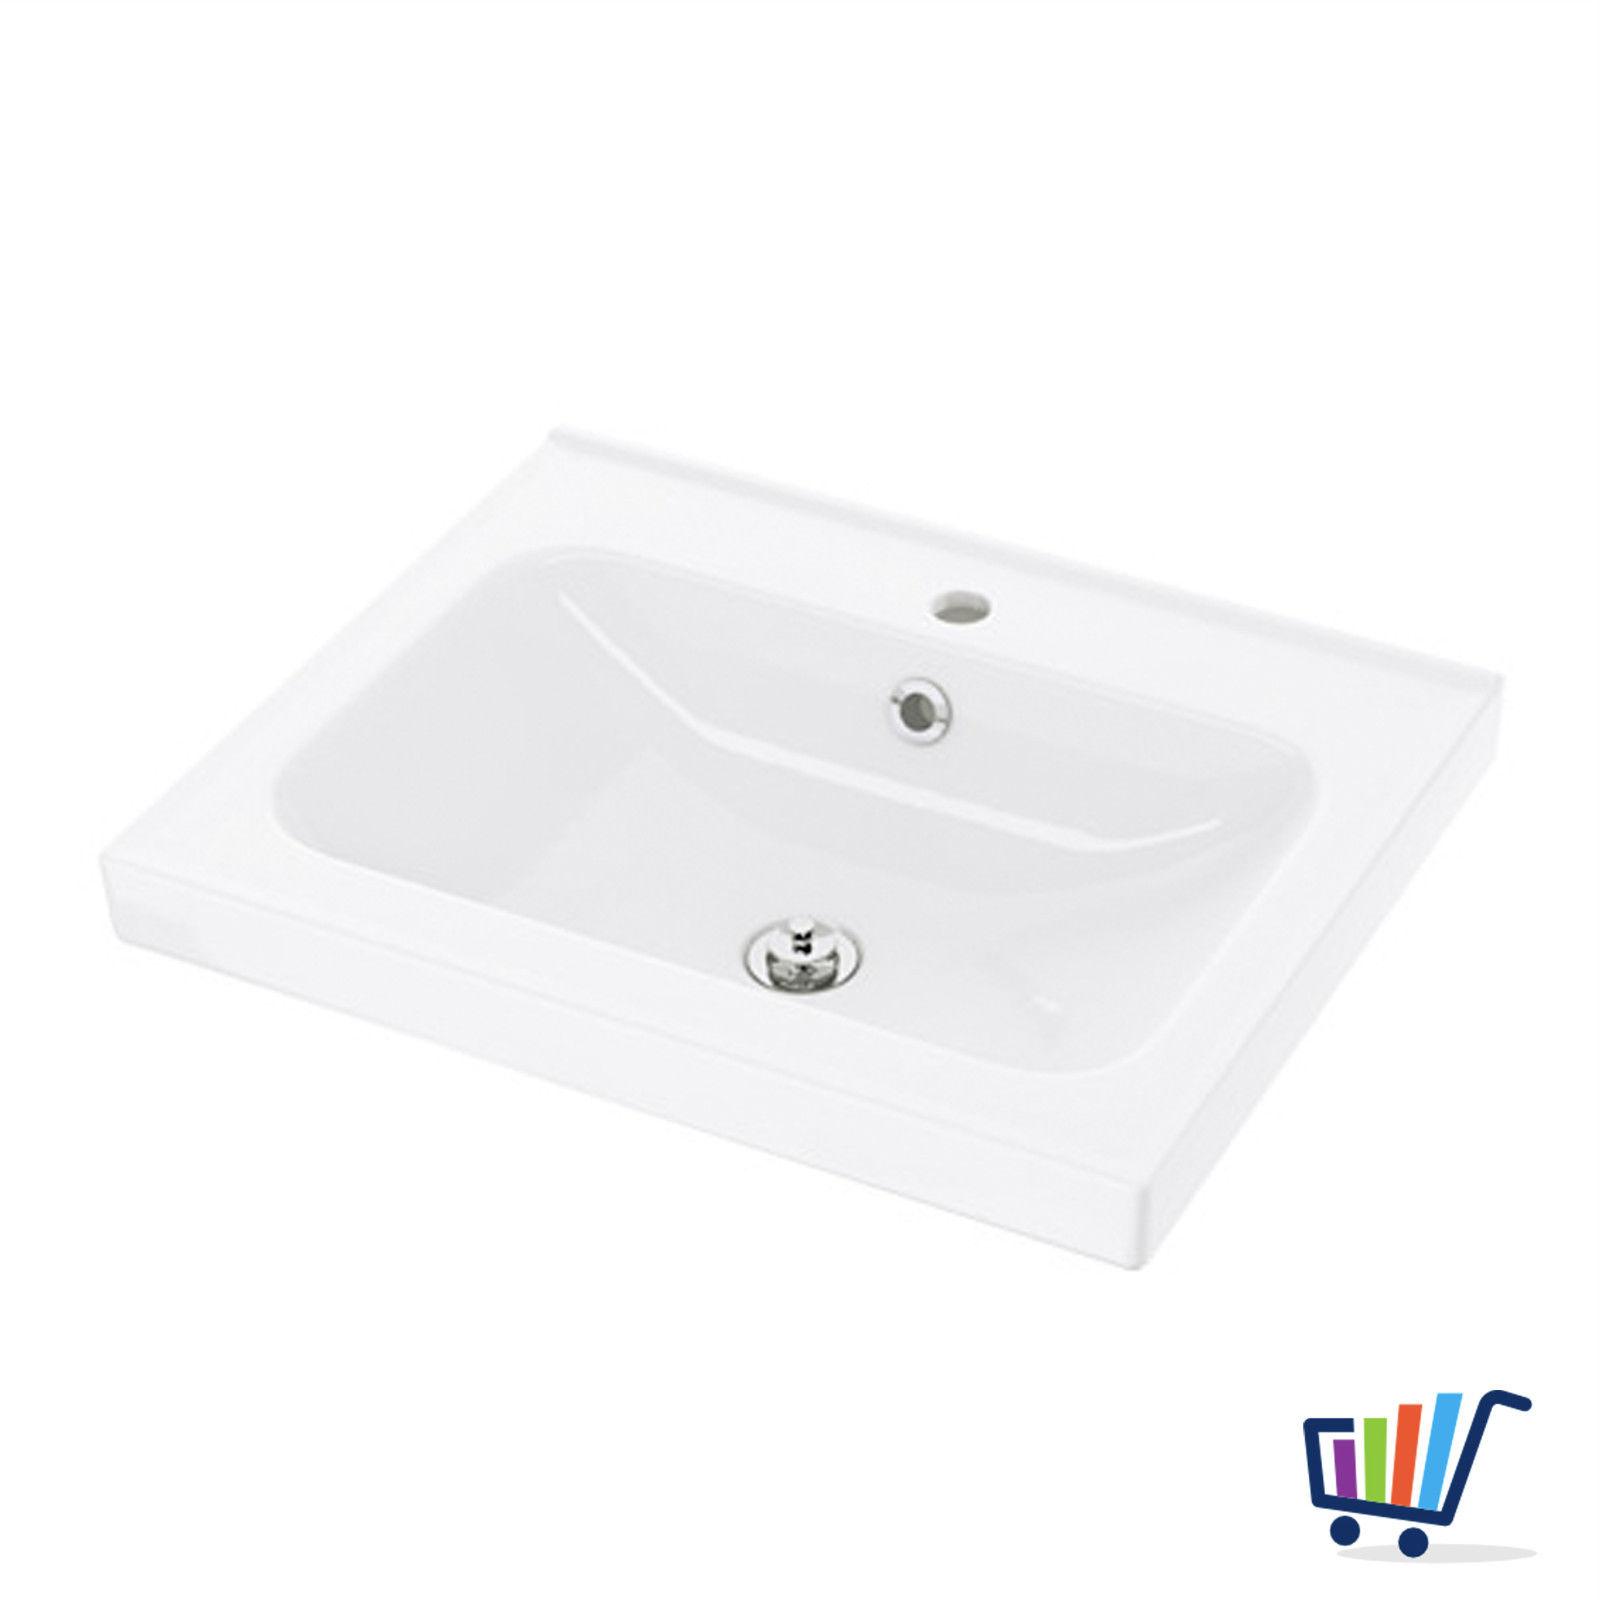 IKEA ODENSVIK Waschbecken Bad 60x49 cm Waschtisch weiß + Abfluss und Siphon  NEU